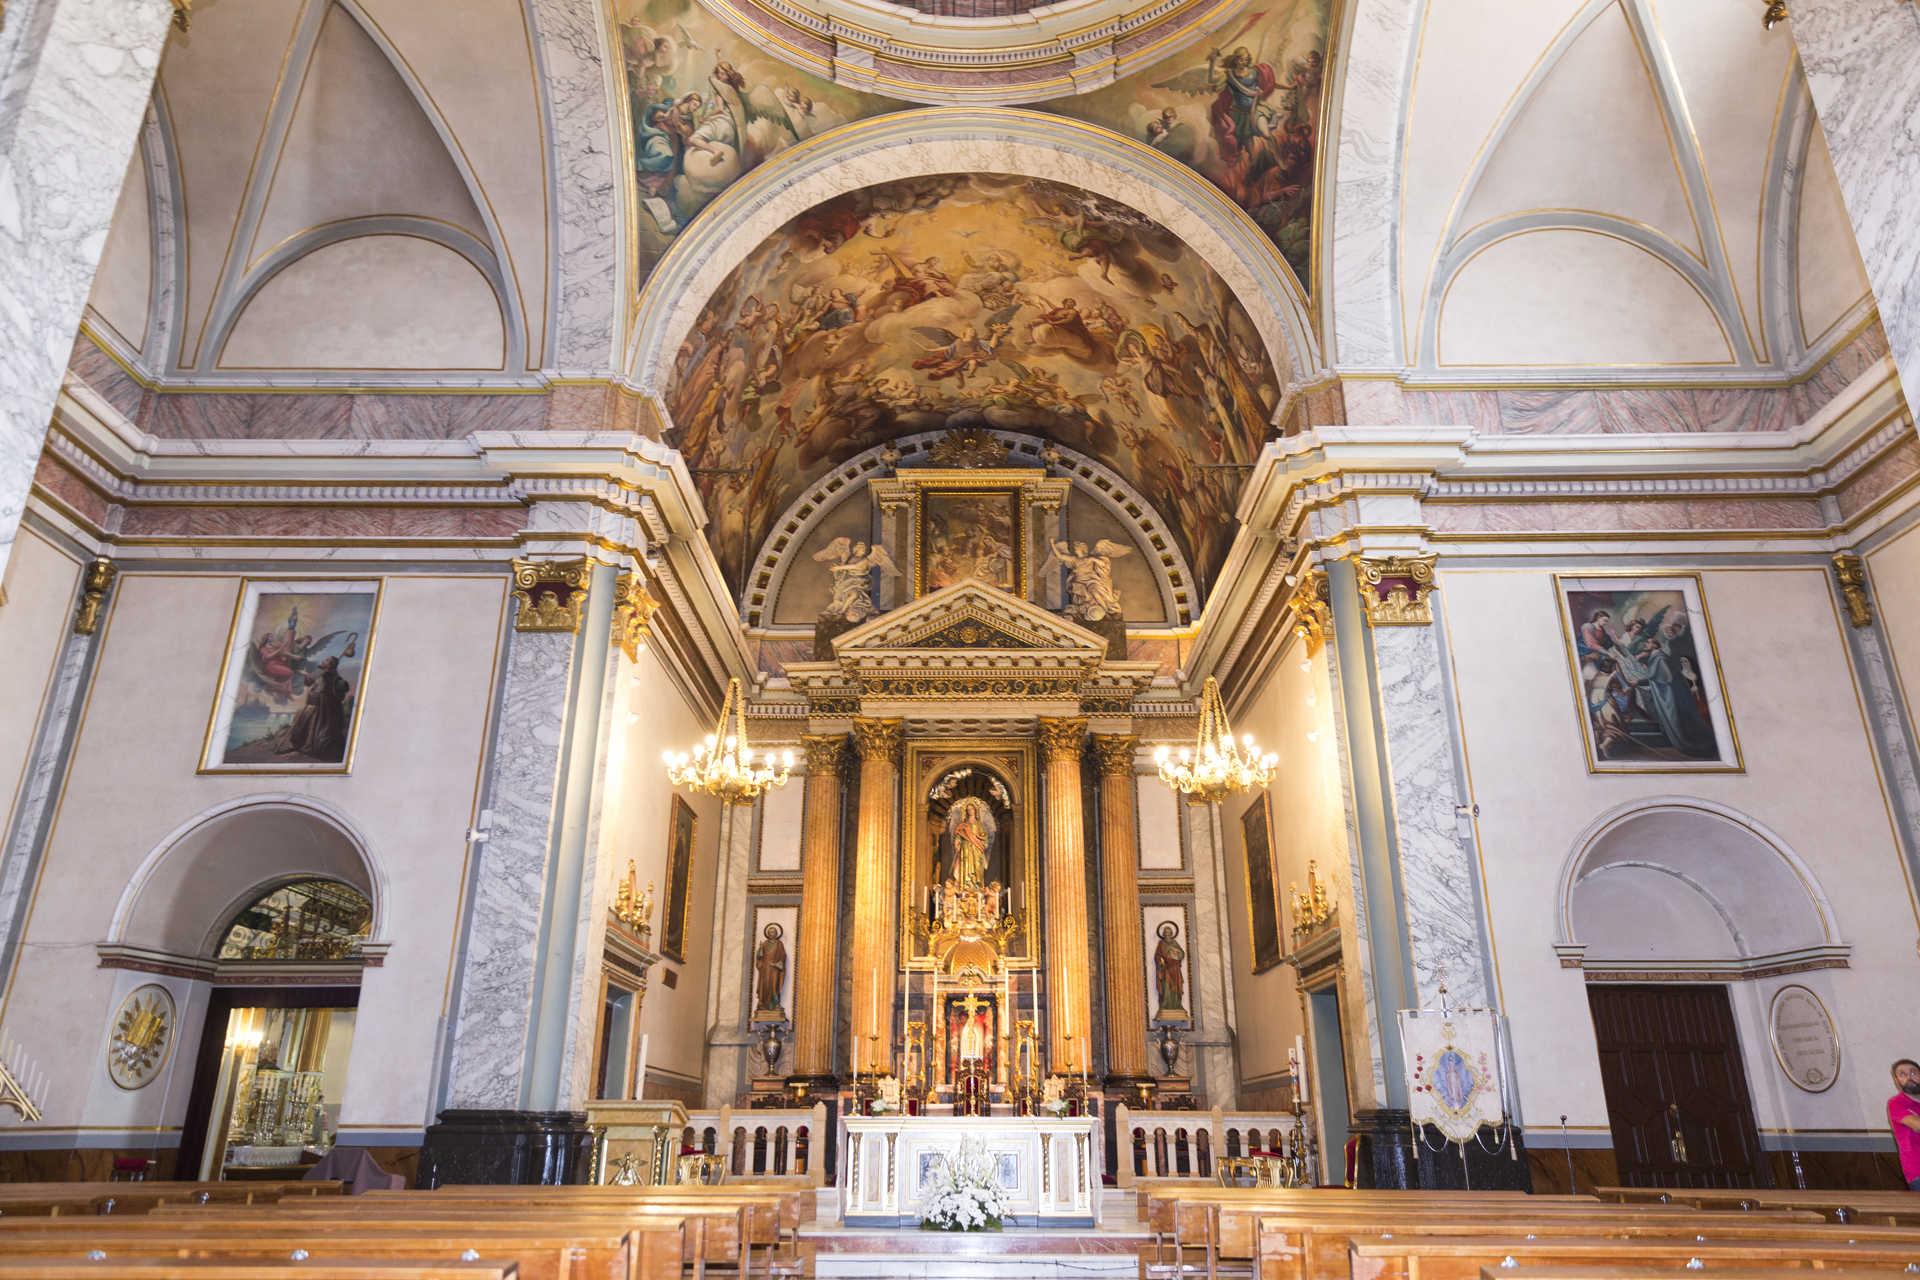 https://multimedia.comunitatvalenciana.com/8C813950E1E04293AC2280E2028F1DDD/img/2299B6A0973F412F9736A8743A1E37E0/Iglesia_del_Santo_Angel_Custodio_717-336.jpg?responsive